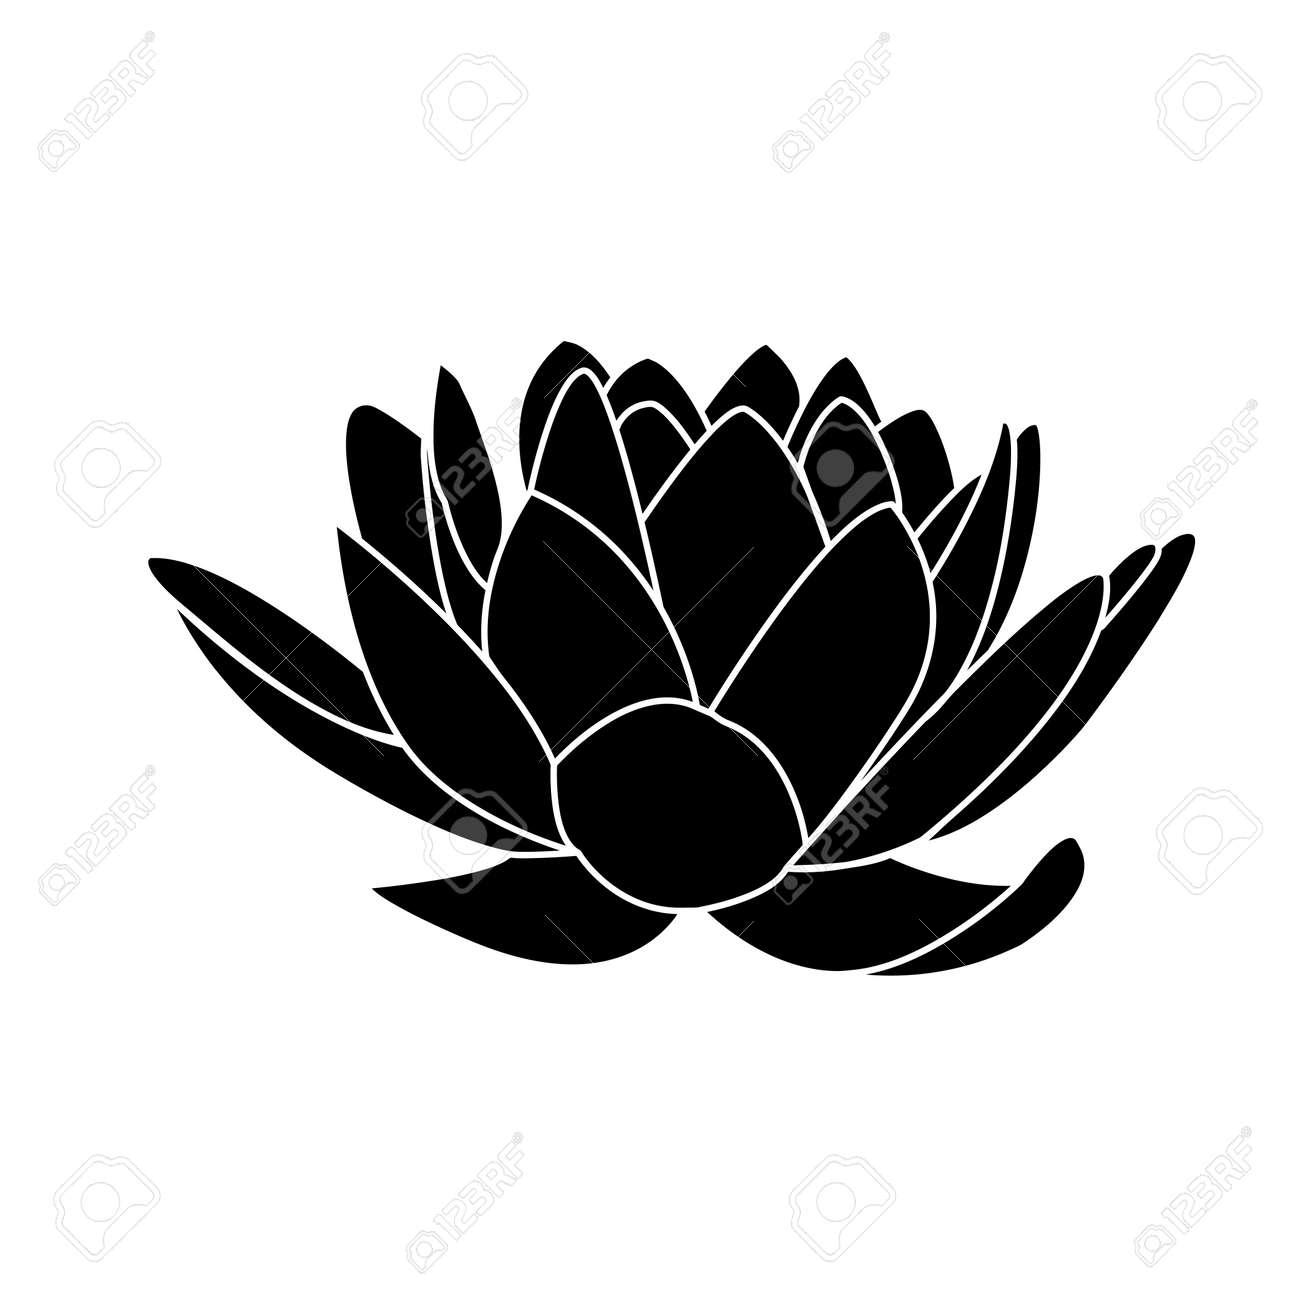 Lotus Flower Logo Stock Photos Royalty Free Lotus Flower Logo Images